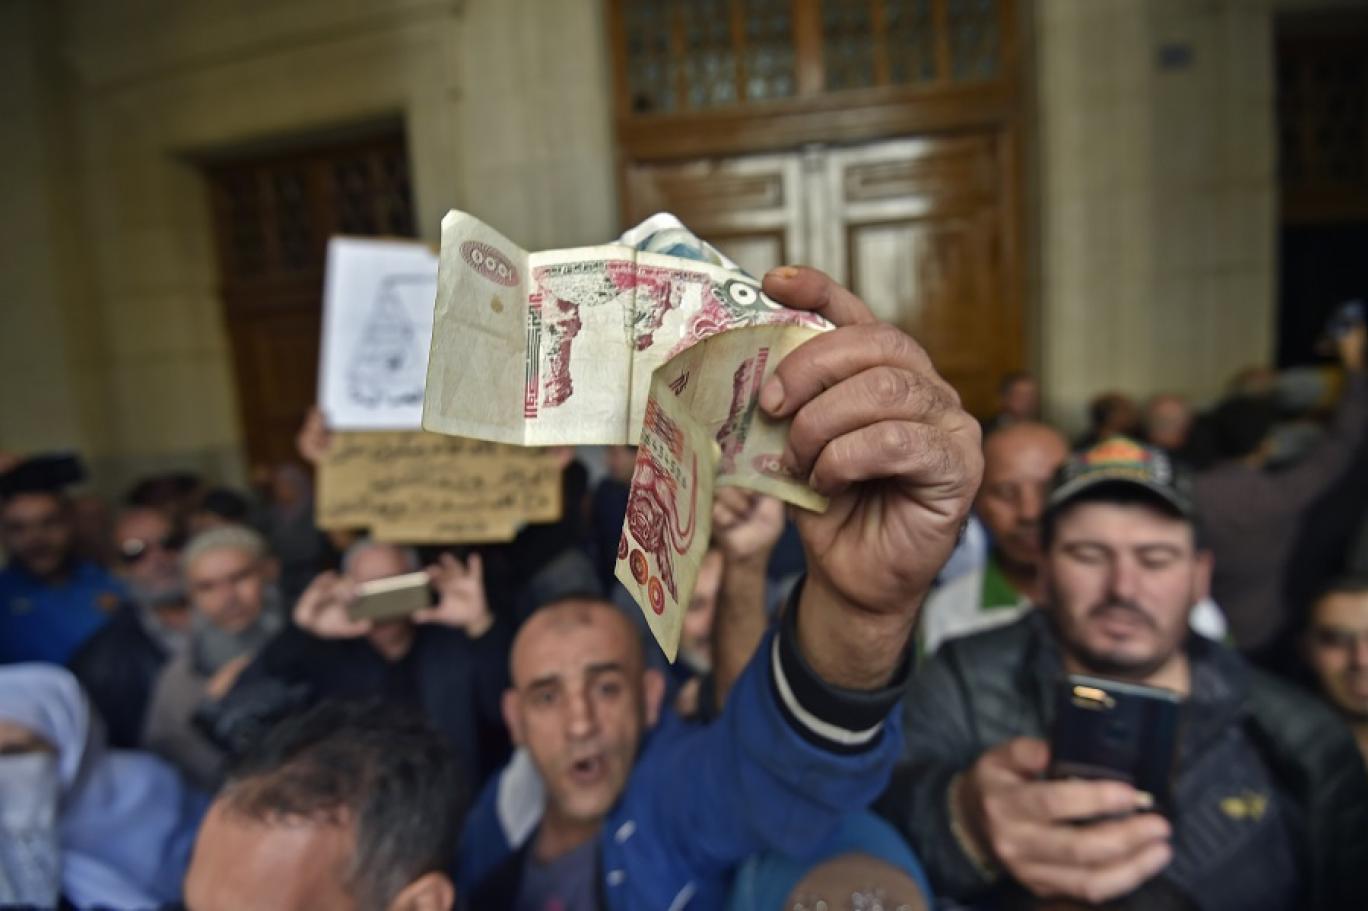 67 في المائة من الجزائريين متشائمون بشأن مستقبل بلادهم